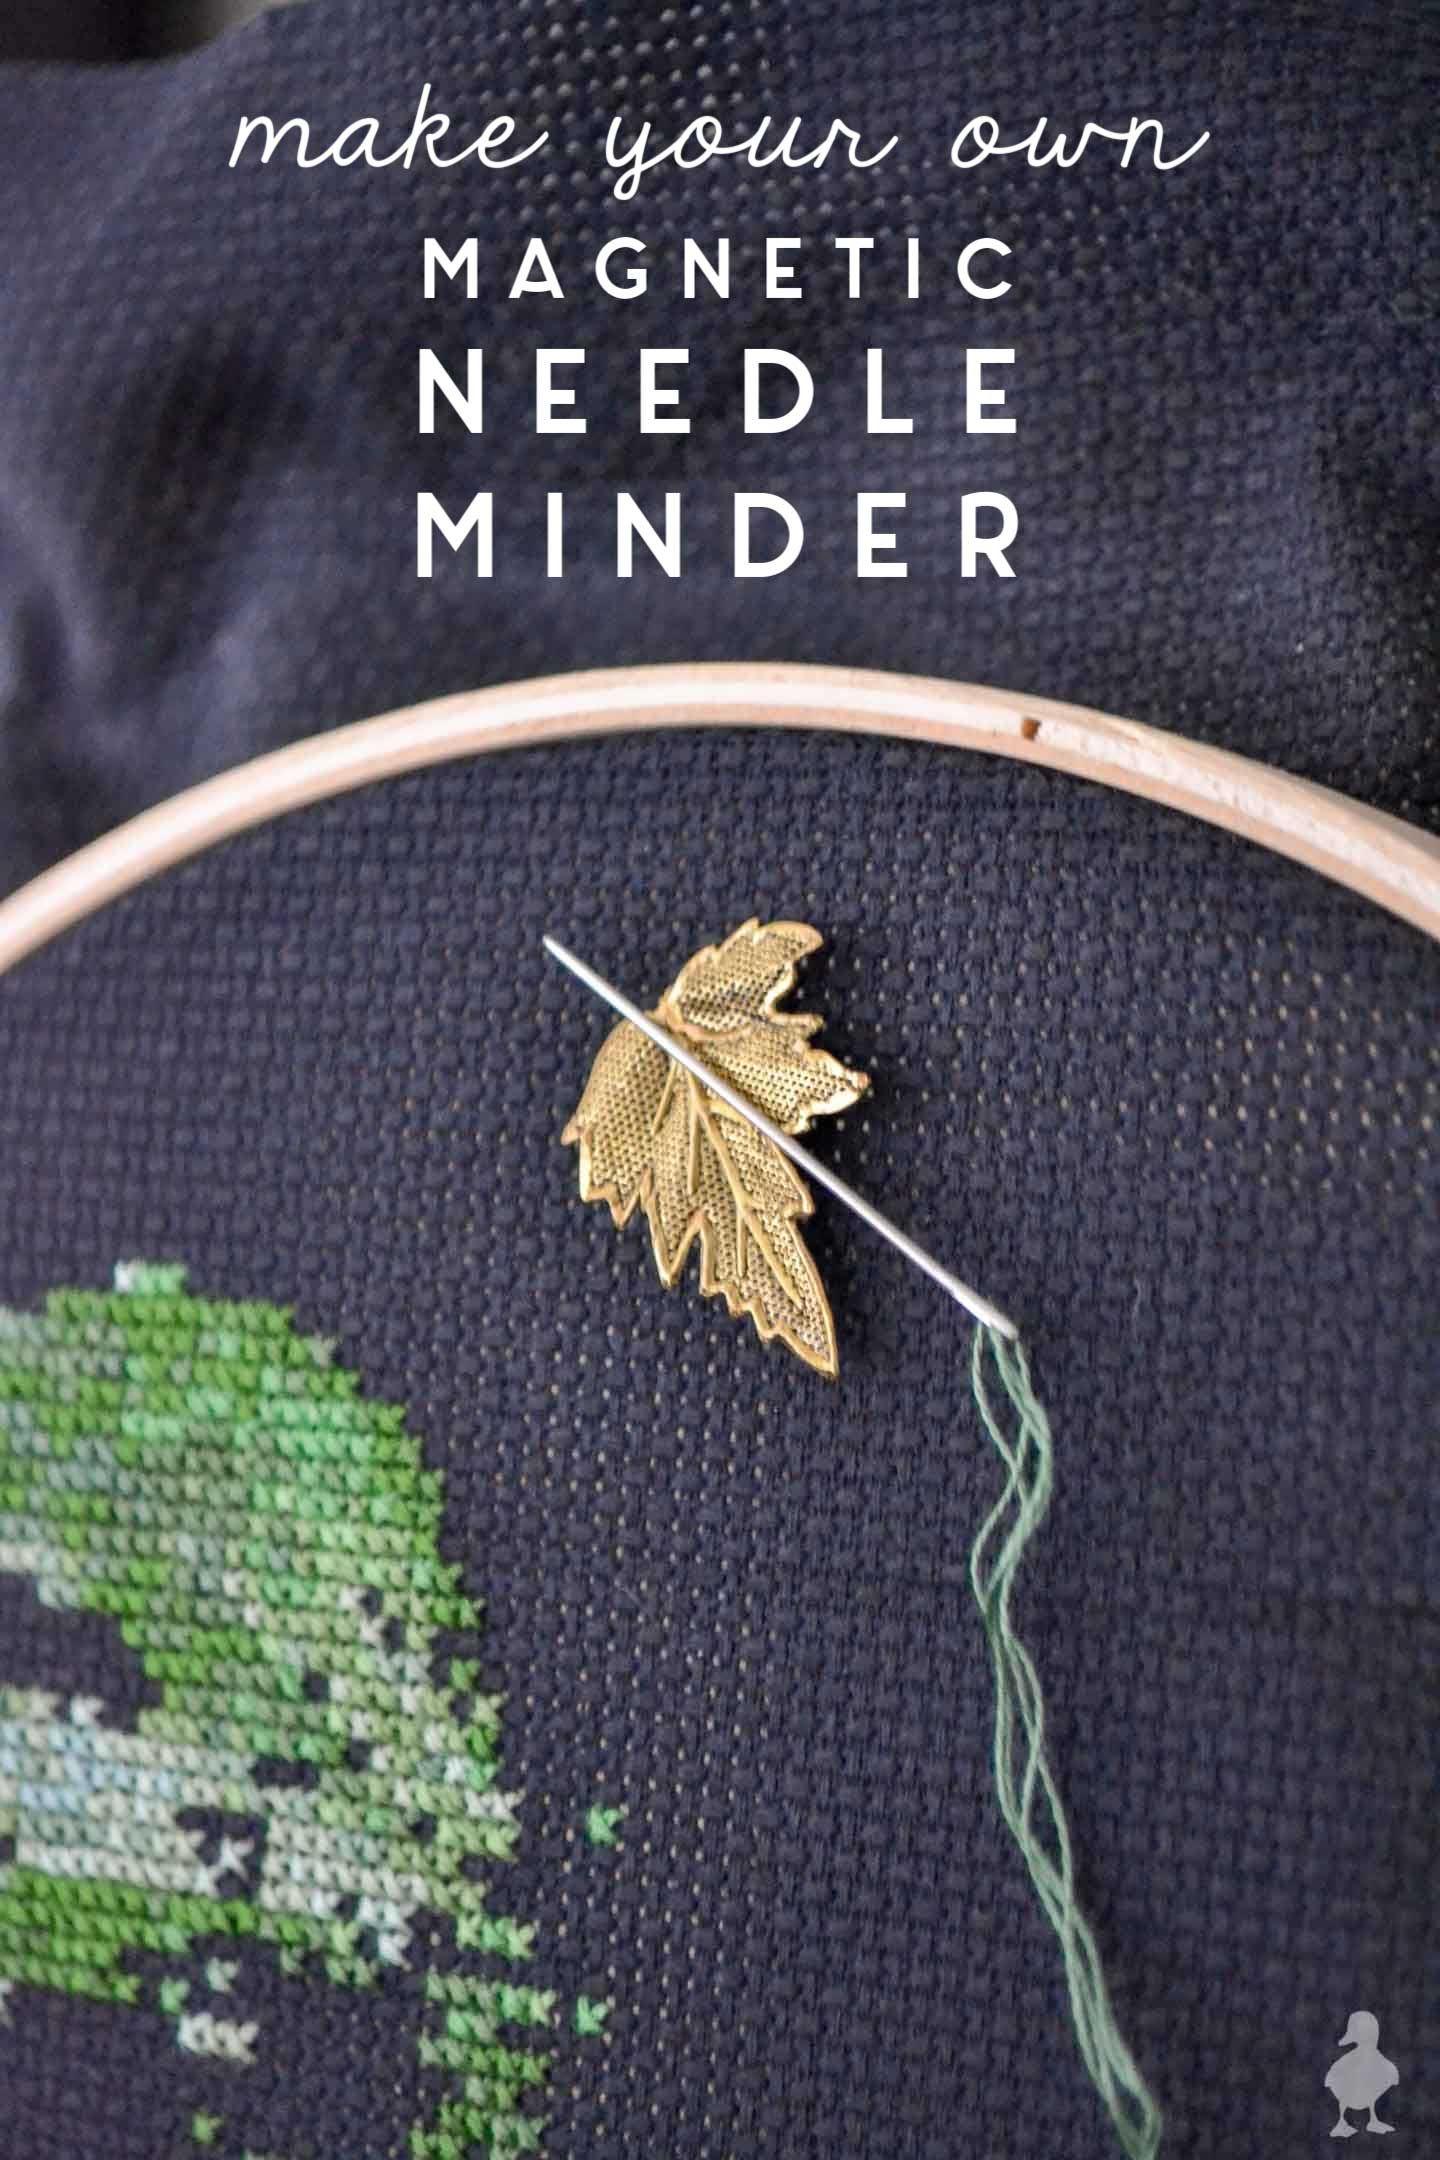 Needle Minder Diy : needle, minder, Magnetic, Needle, Minder, Cross, Stitch, Hoop,, Stitch,